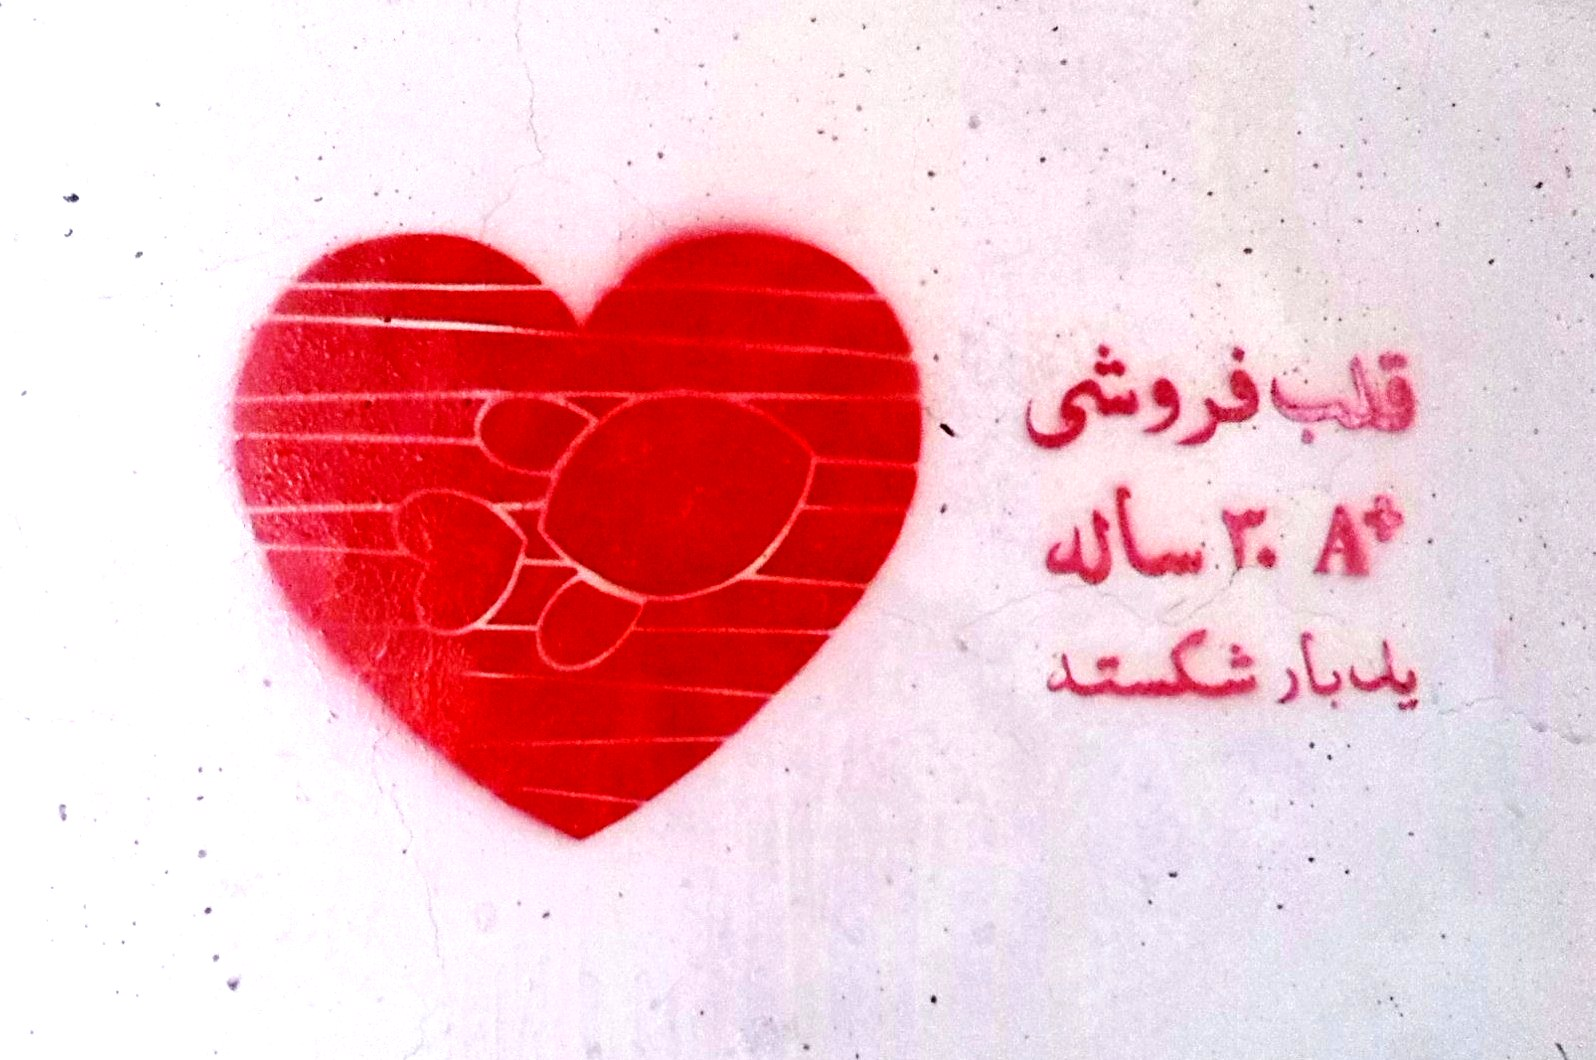 من مات من العشق فقد مات شهید - خیالباف - استنسیل - گرافیتی - قلب فروشی - A+ -  سی ساله - یکبار شکسته - ماهی